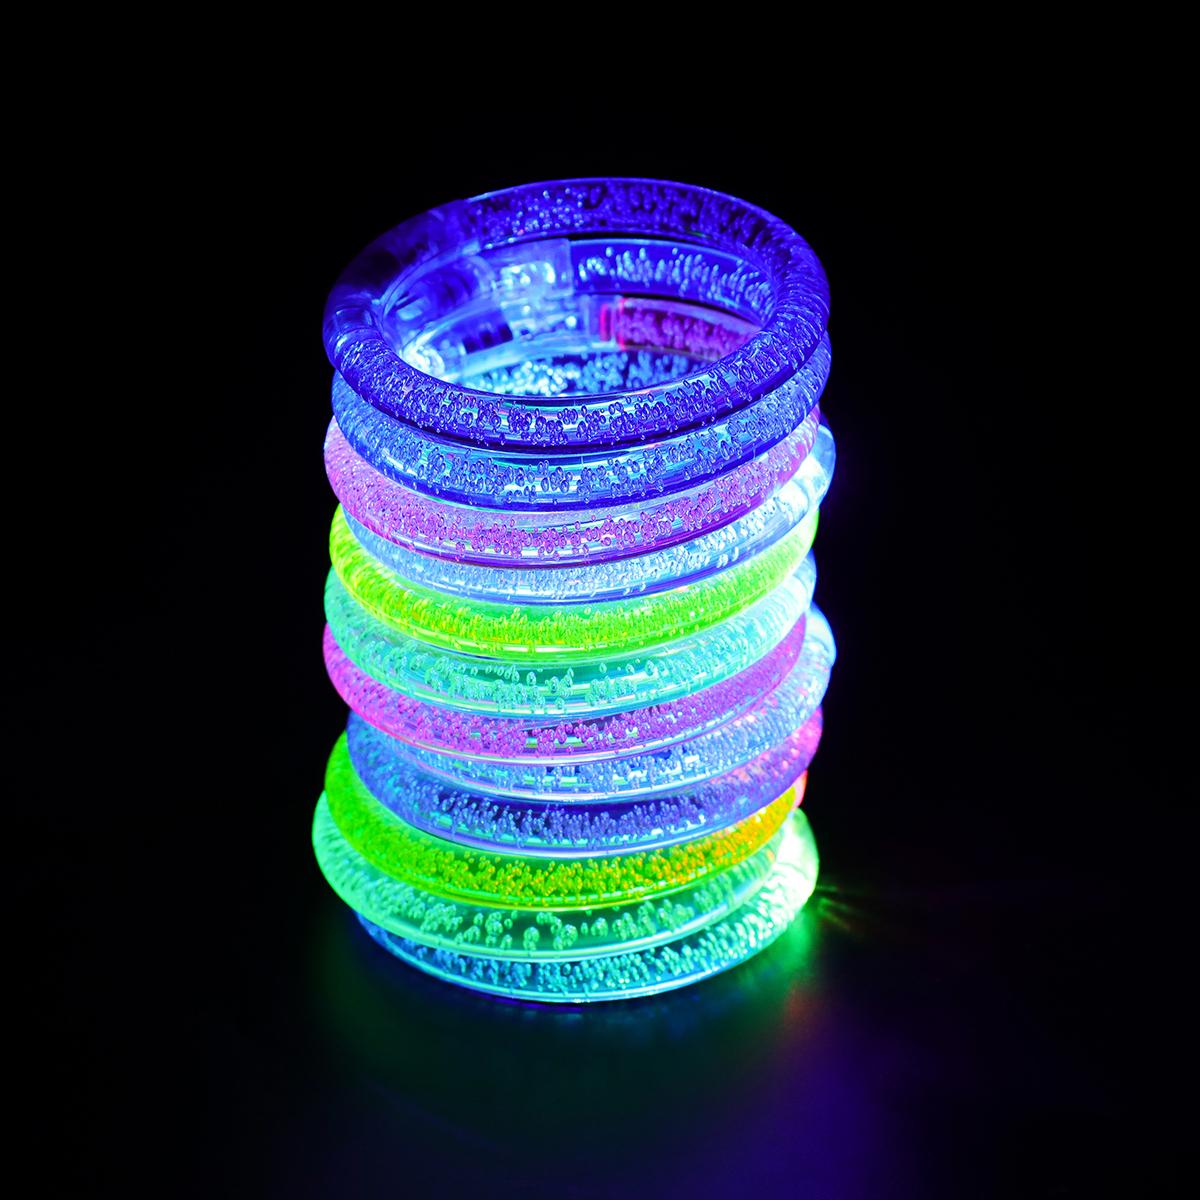 12 шт. / Лот светящийся браслет ну вечеринку игрушка украшения на день рождения 6 цветов